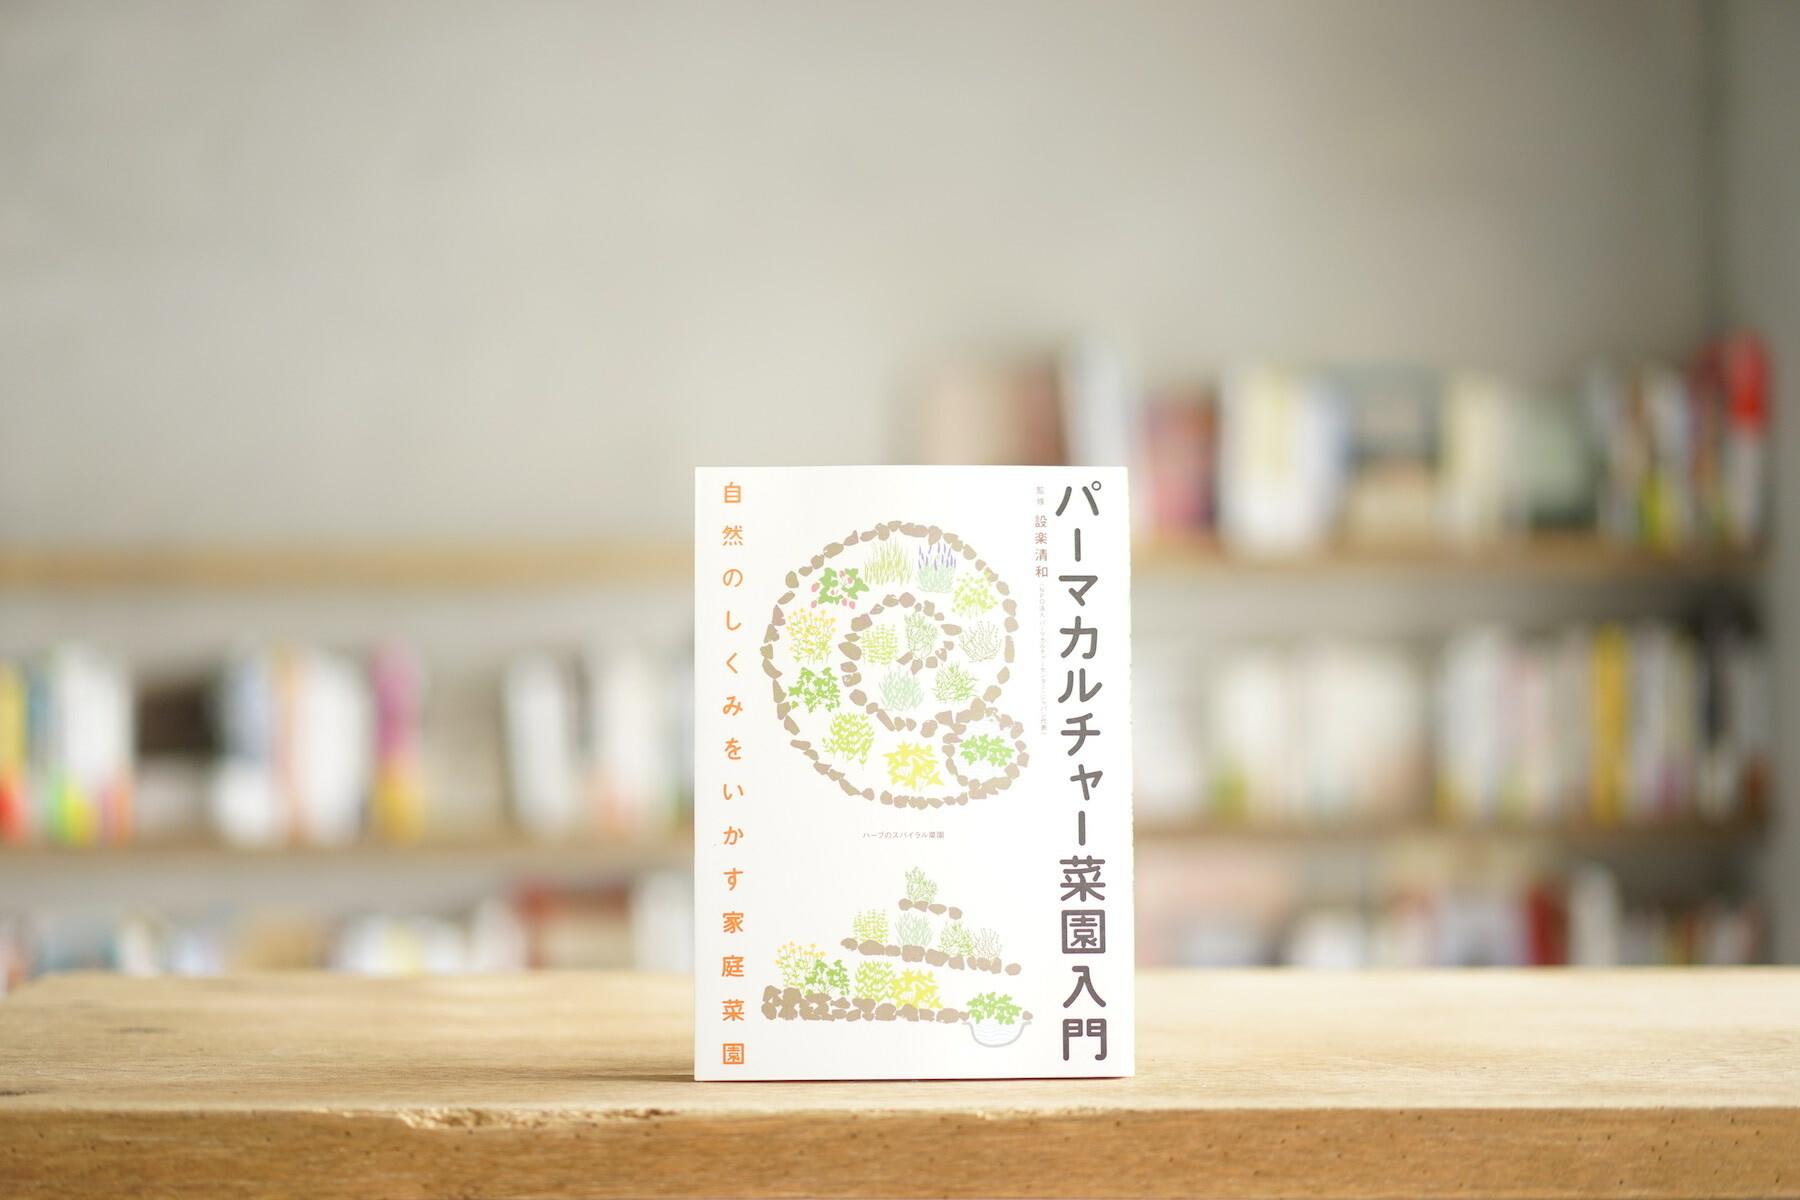 設楽清和 (監修)『パーマカルチャー菜園入門 自然のしくみをいかす家庭菜園』 (家の光協会、2010)